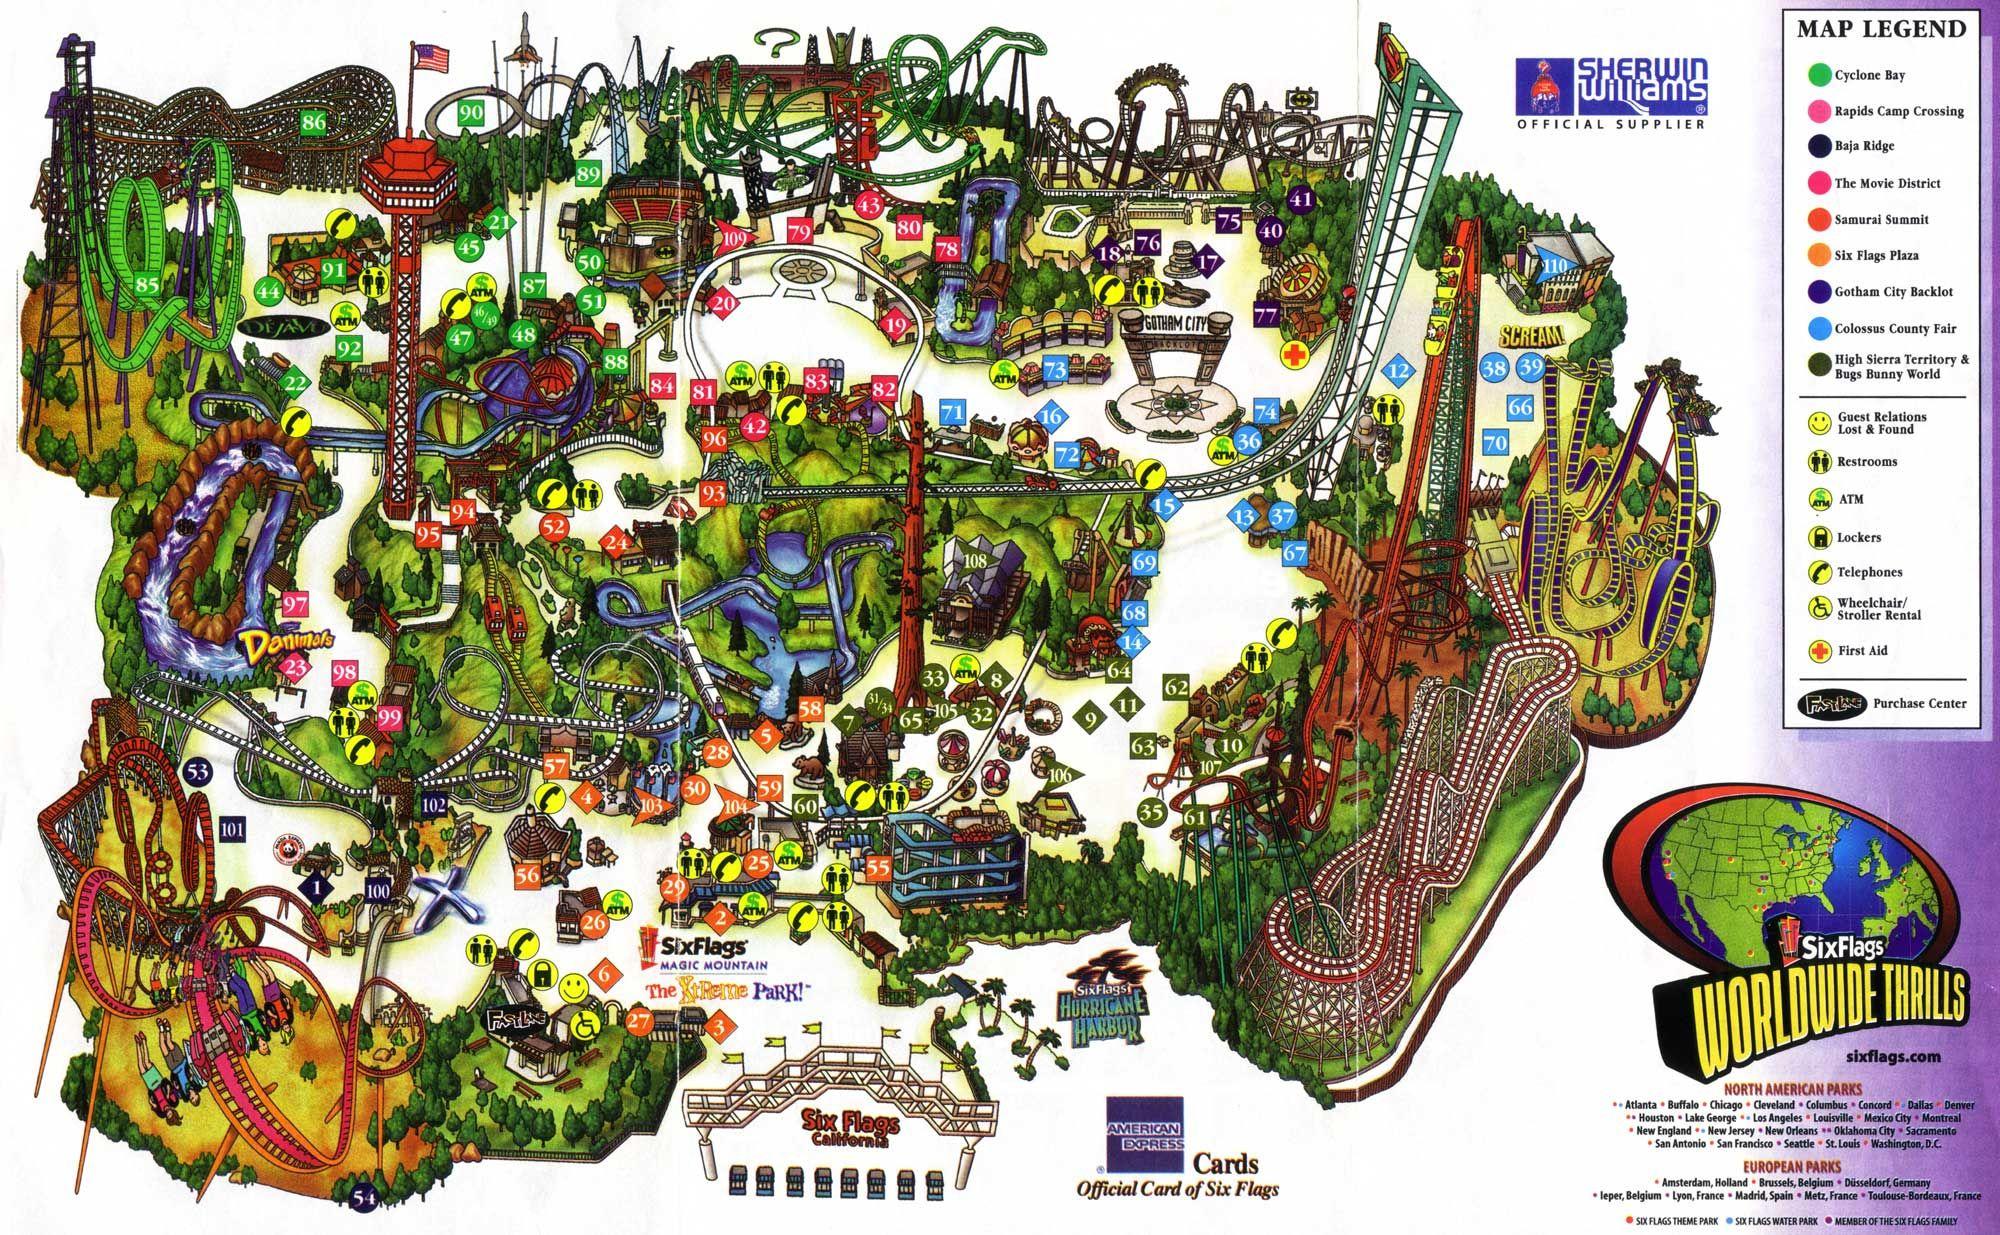 Six Flags Magic Mountain Parking Design Activities Theme Park